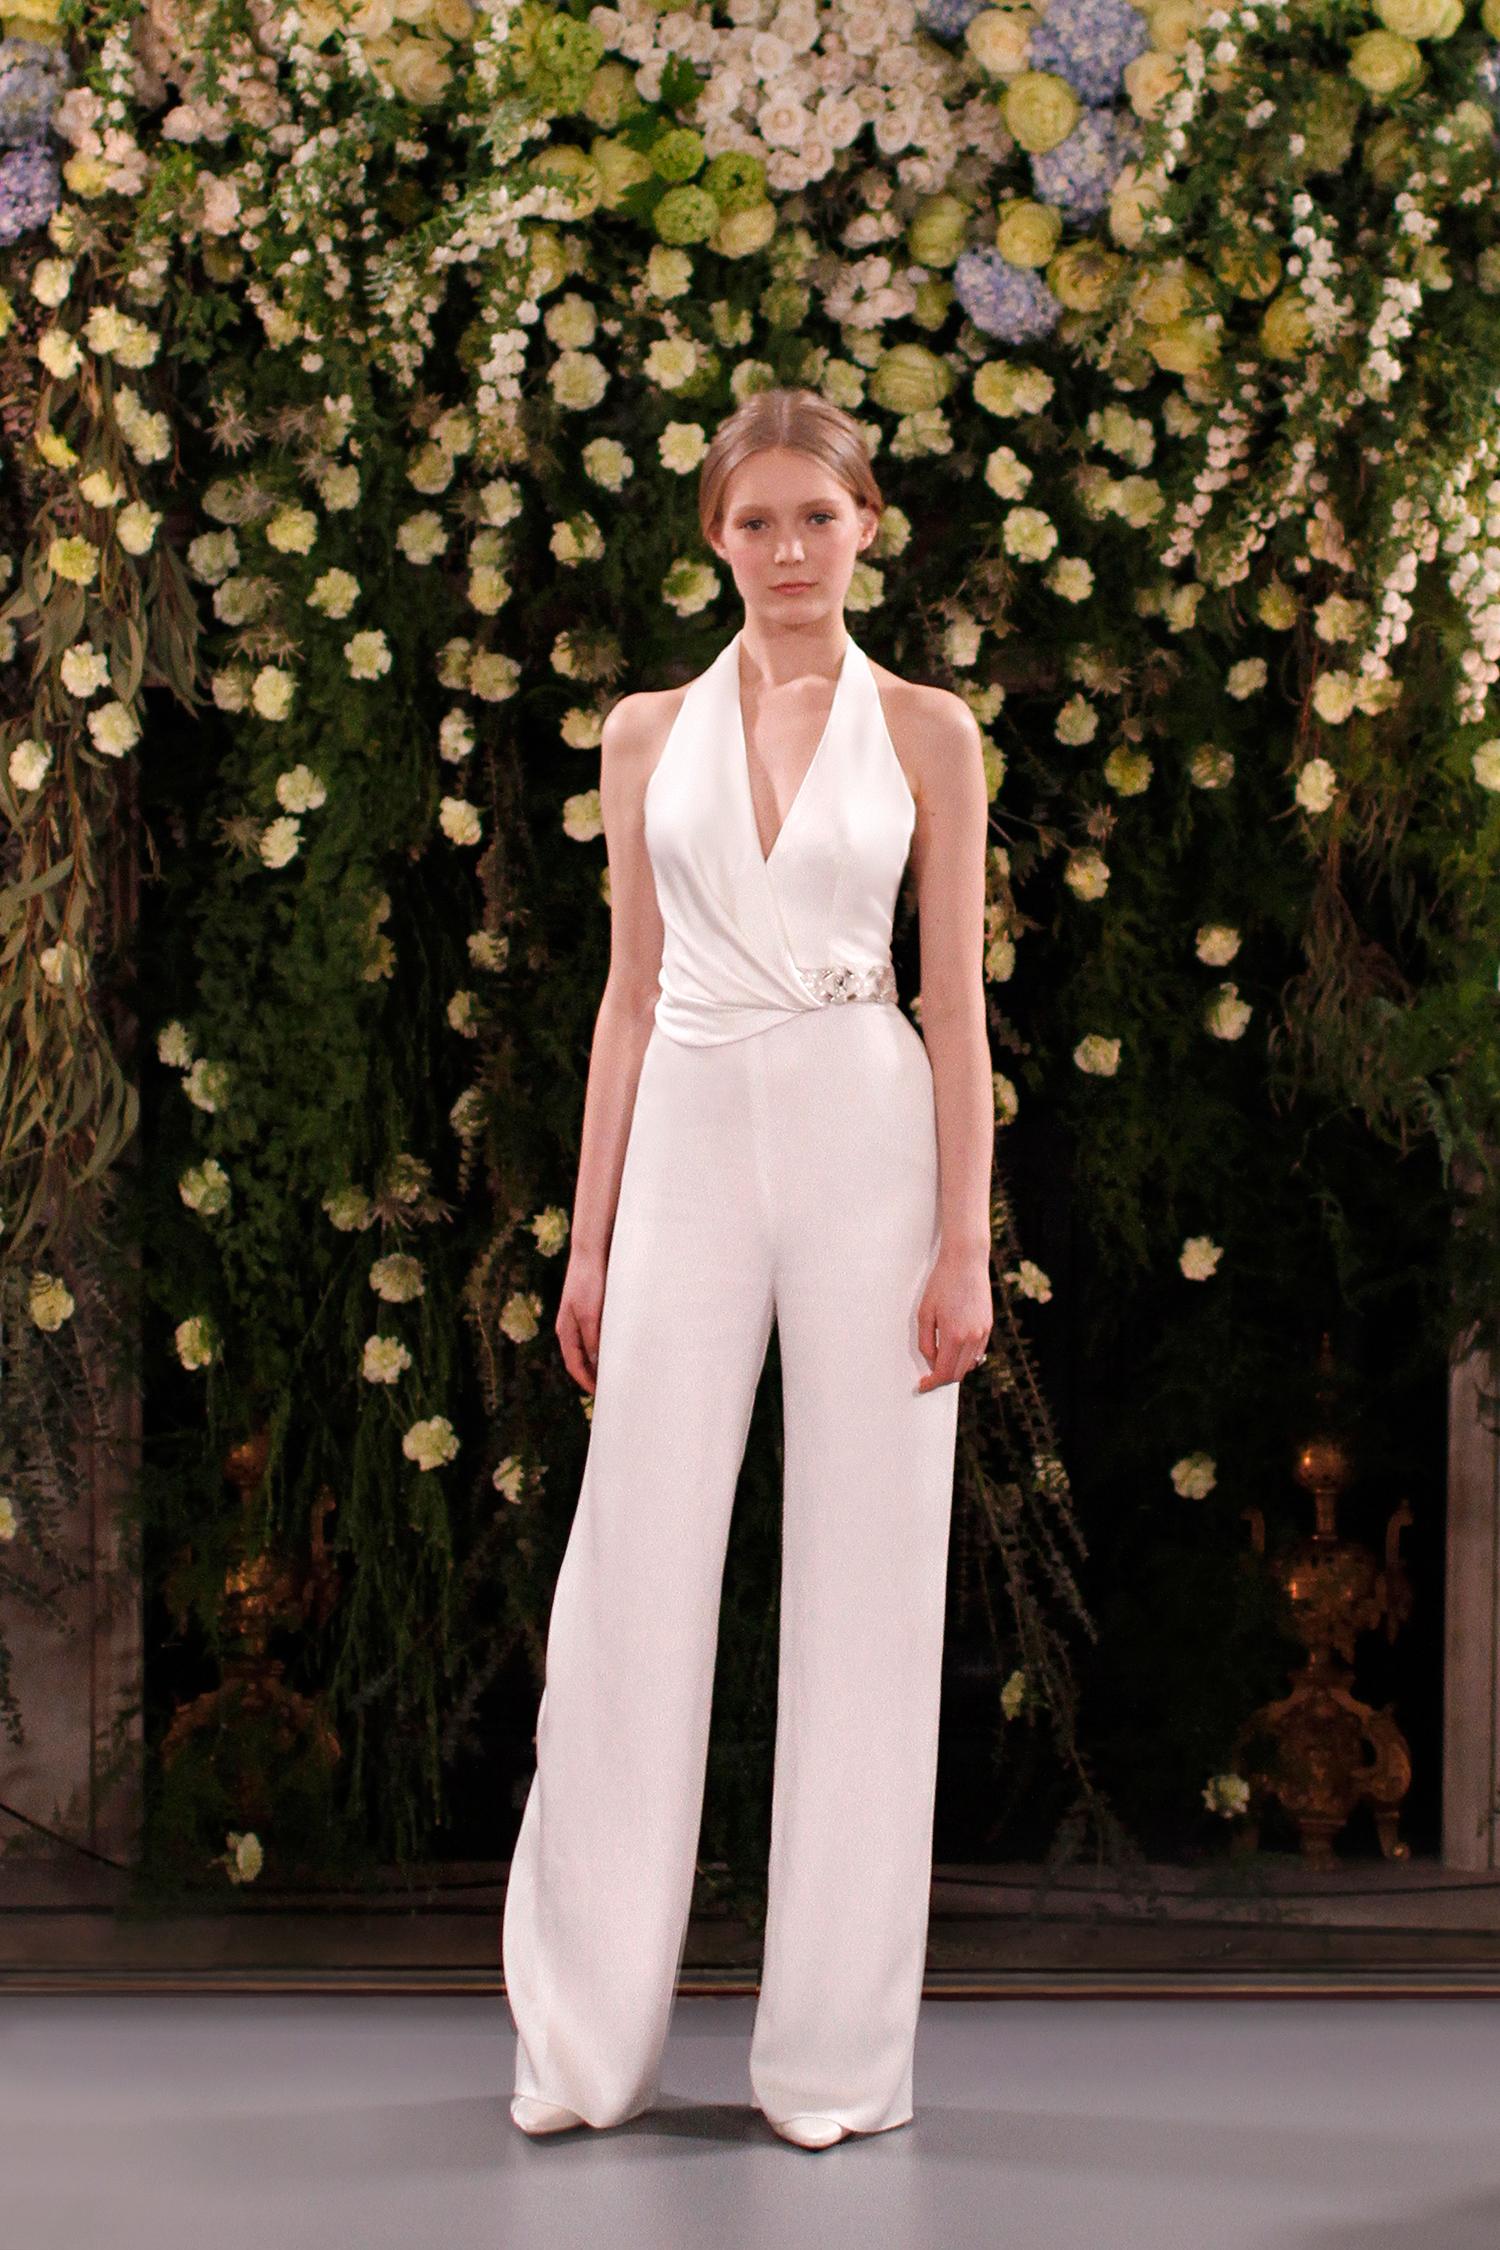 jenny packham wedding dress spring 2019 belted halter jumpsuit